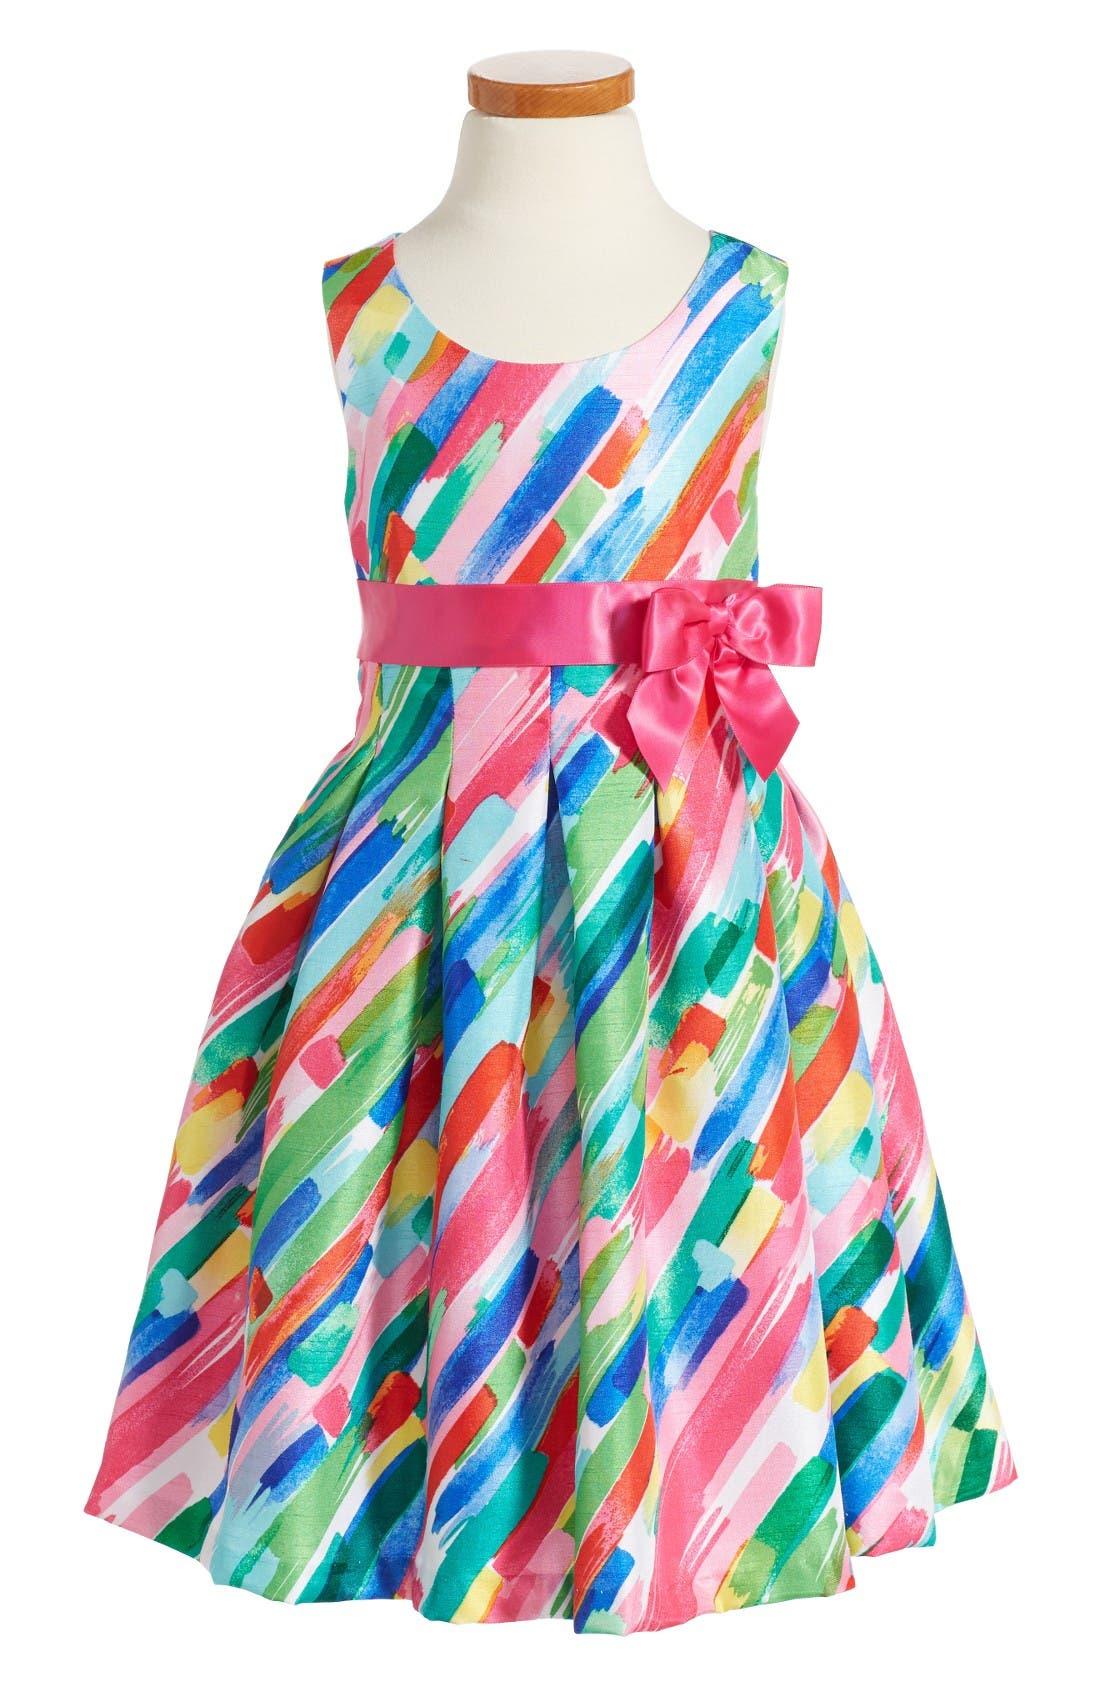 Iris & Ivy Paintstroke Print Shantung Party Dress (Toddler Girls & Little Girls)